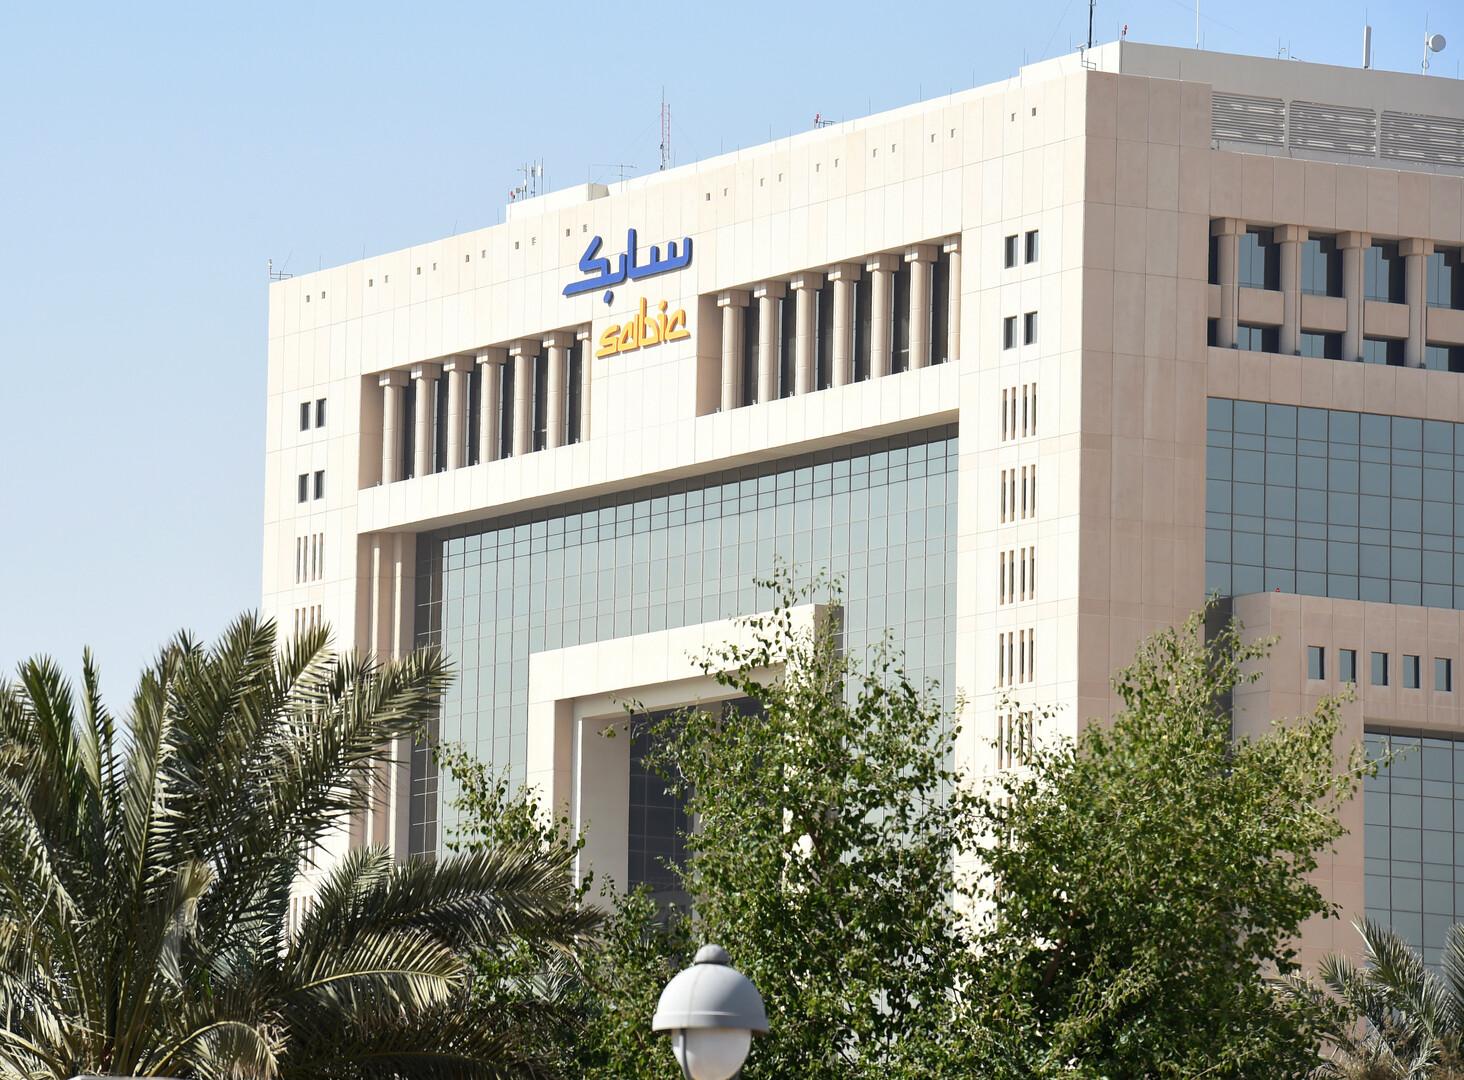 اتفاق روسي سعودي لبناء مصنع للميثانول بقدرة أولية تبلغ مليون طن سنويا